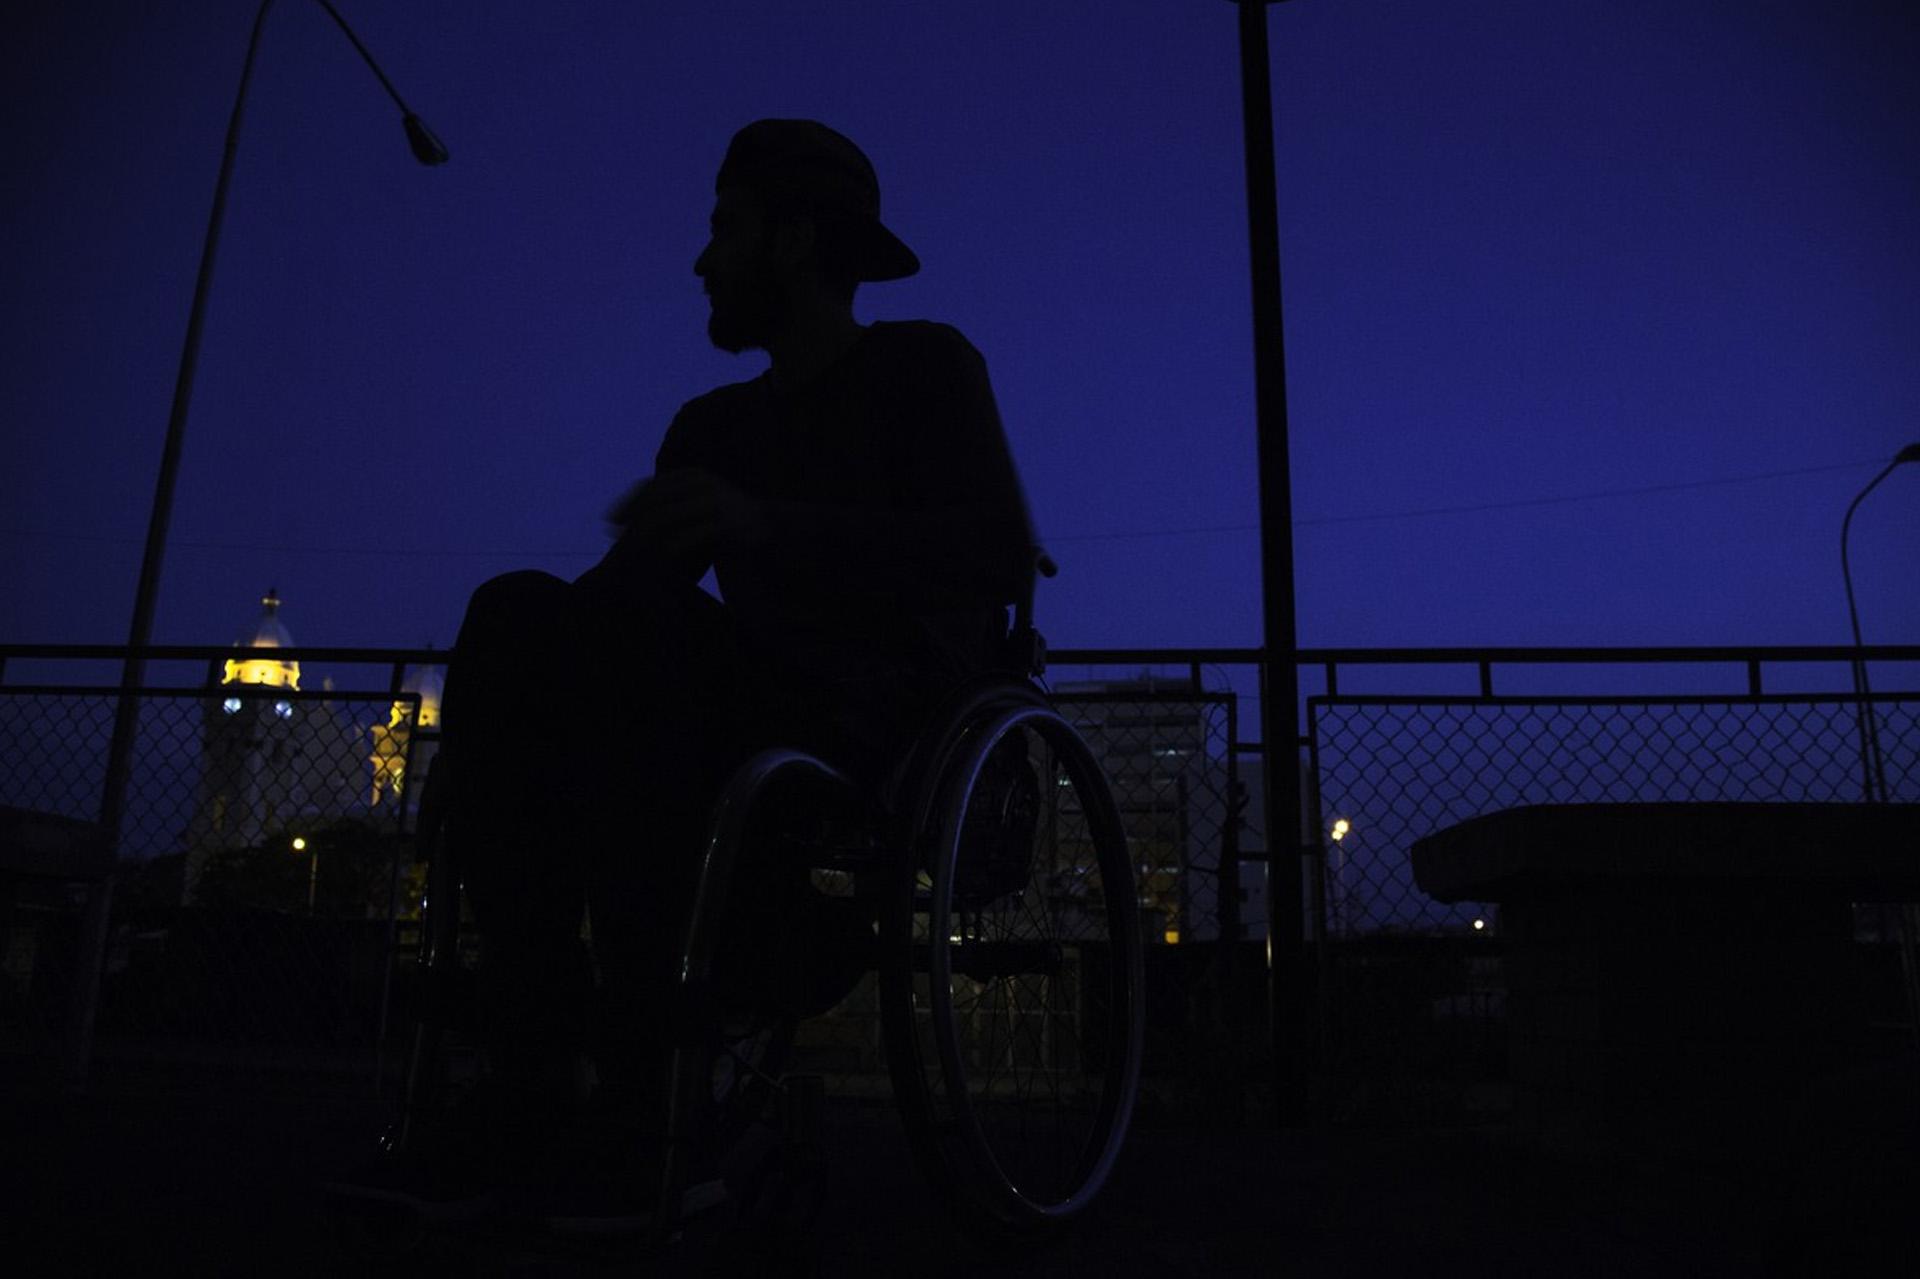 """""""Ahora tengo que depender en absolutamente de todo en alguien. Y no es por mi discapacidad, es simplemente porque el país no cuenta con las condiciones adecuadas"""", opinó Núñez."""